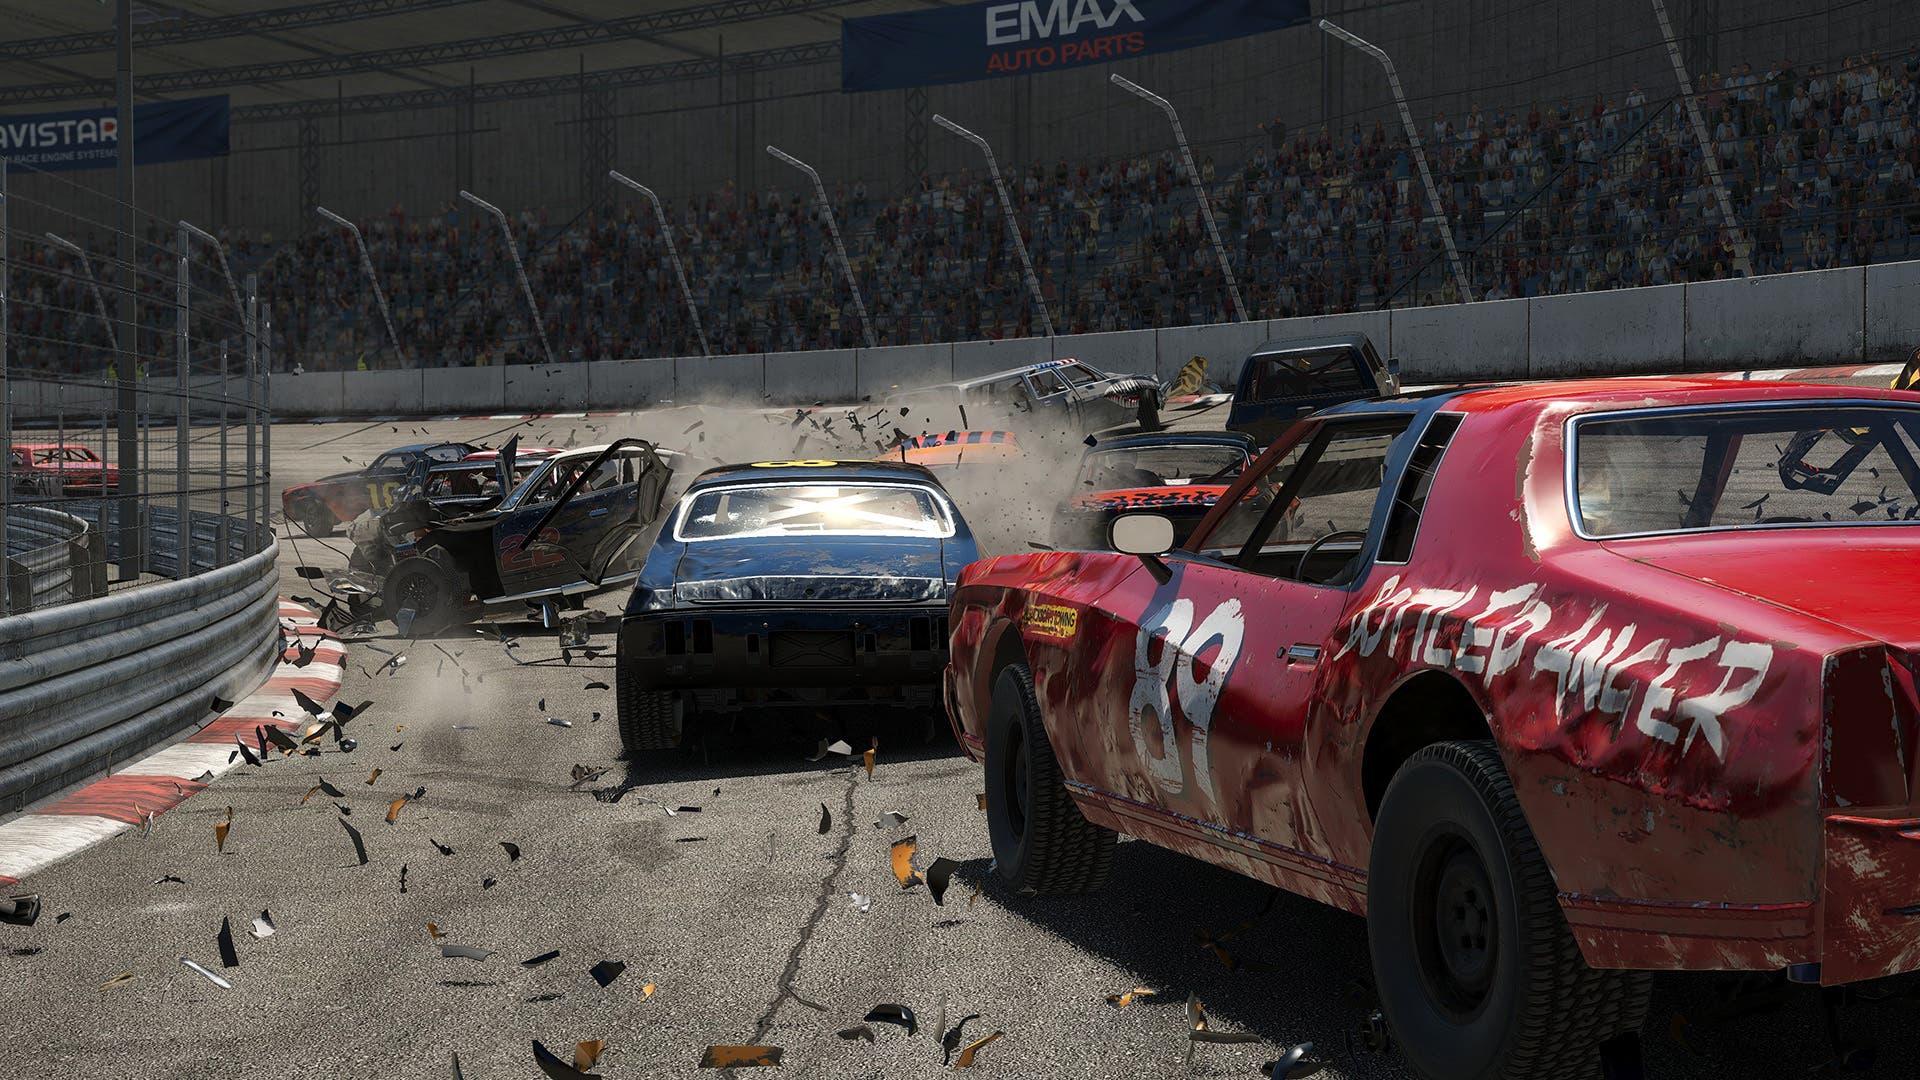 Imagen de Wreckfest lanza nuevo tráiler centrado en el piloto Lucky 99 preparando su estreno en consolas